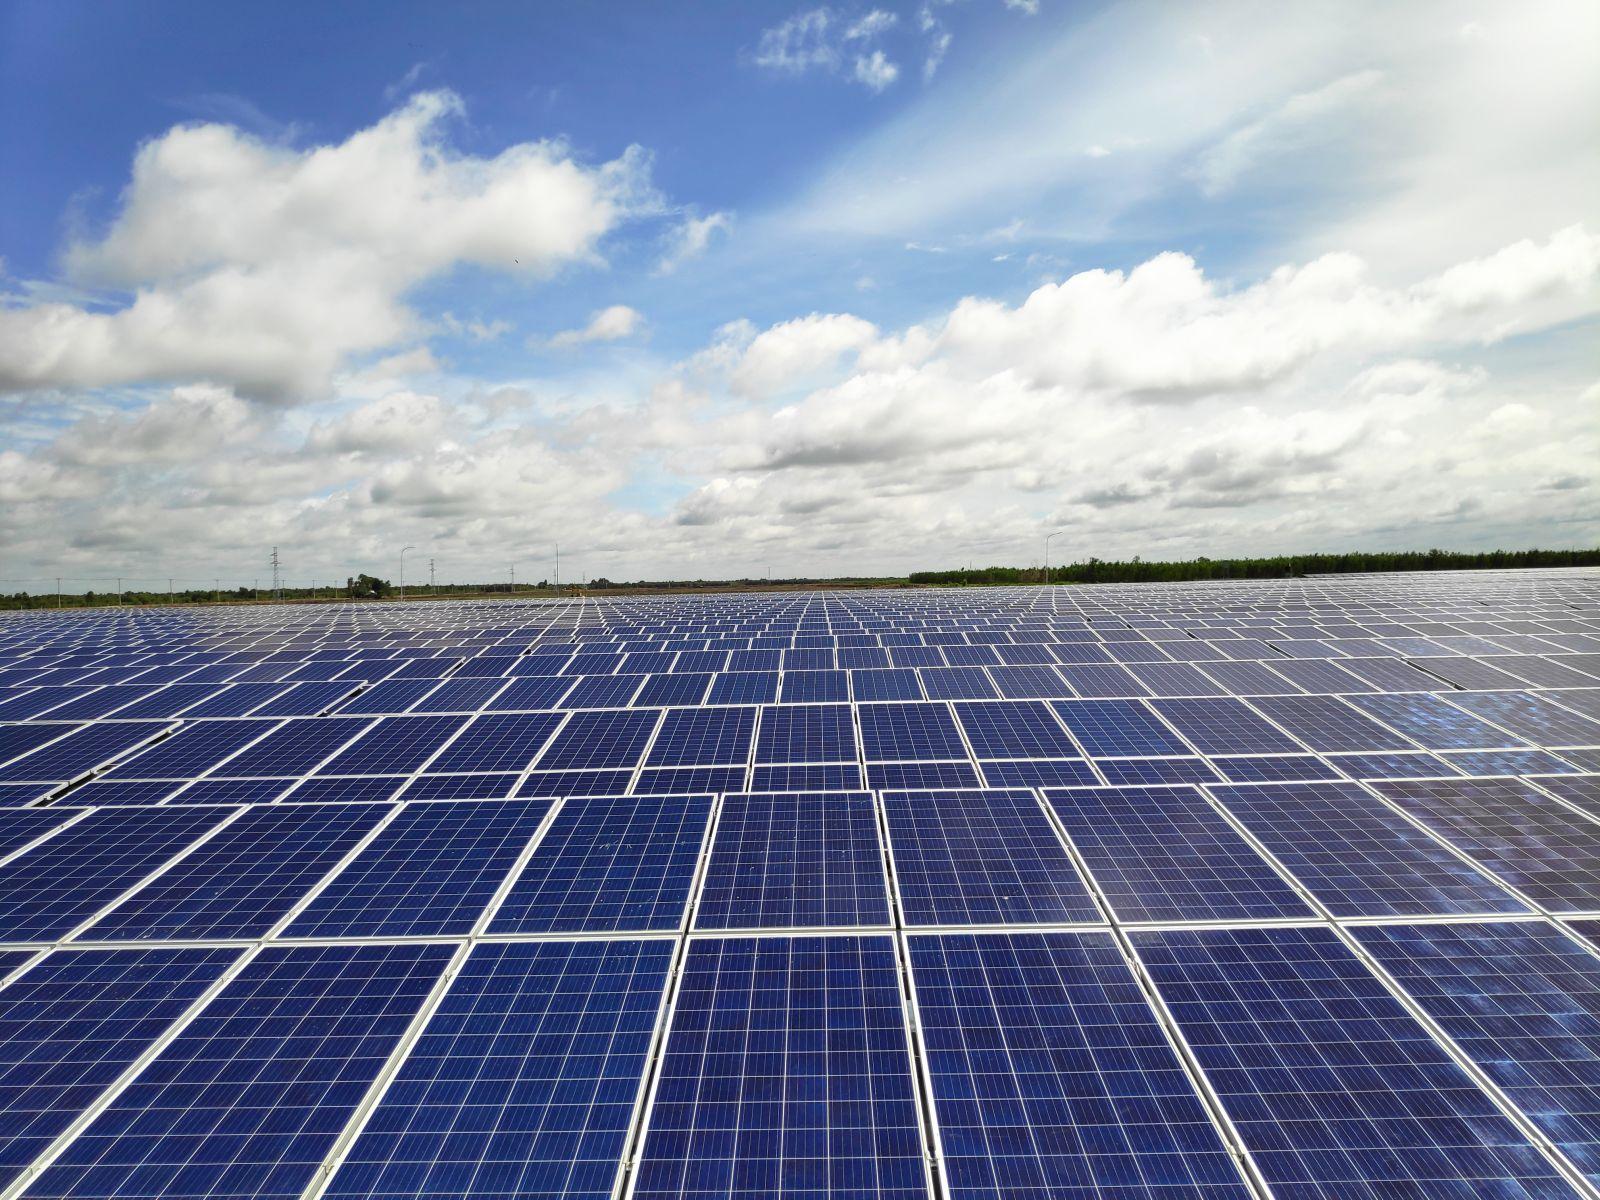 Hình công trình lắp đặt điện năng lượng mặt trời